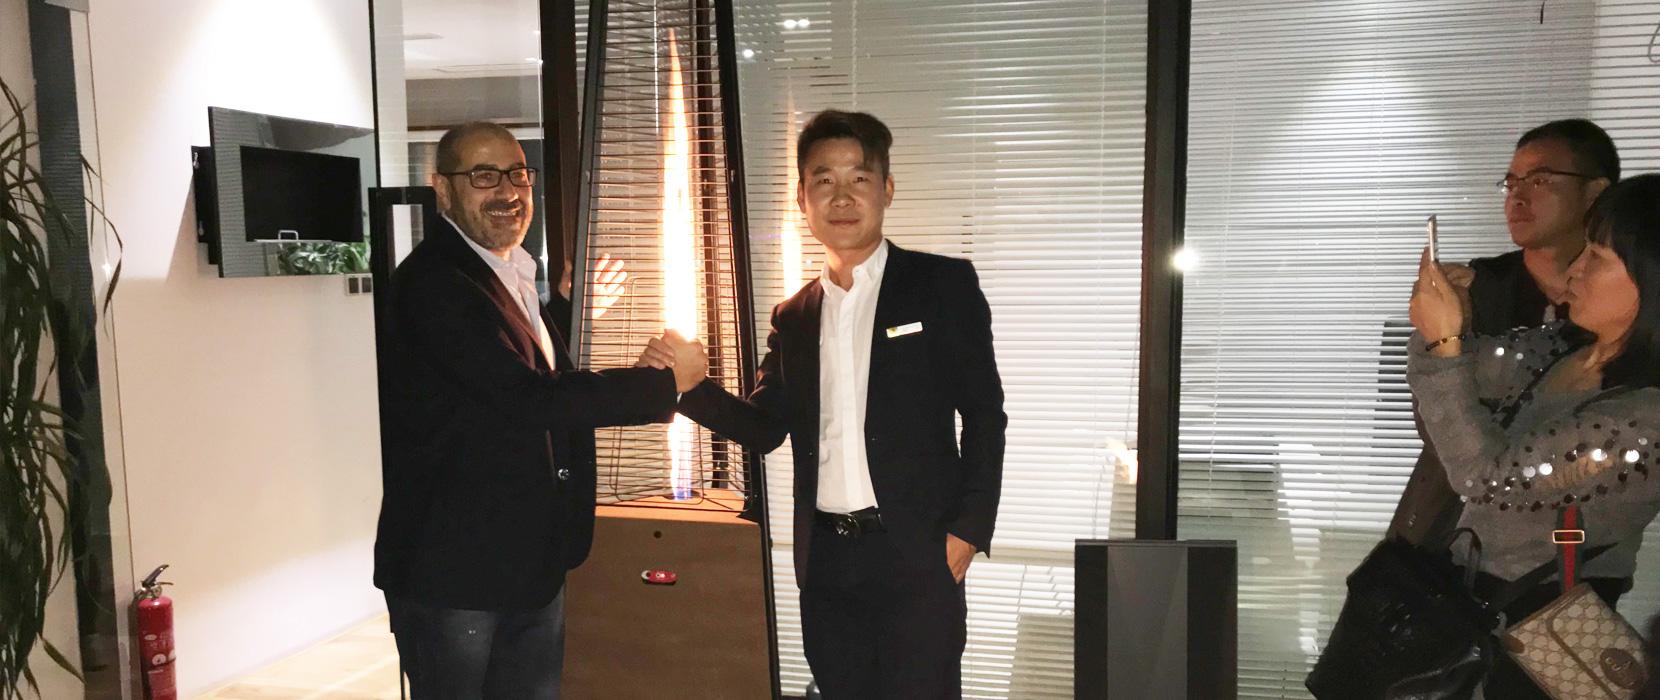 Italkero全球市场总监Sergio到访莫洛尼上海旗艦店开展技术交流研讨